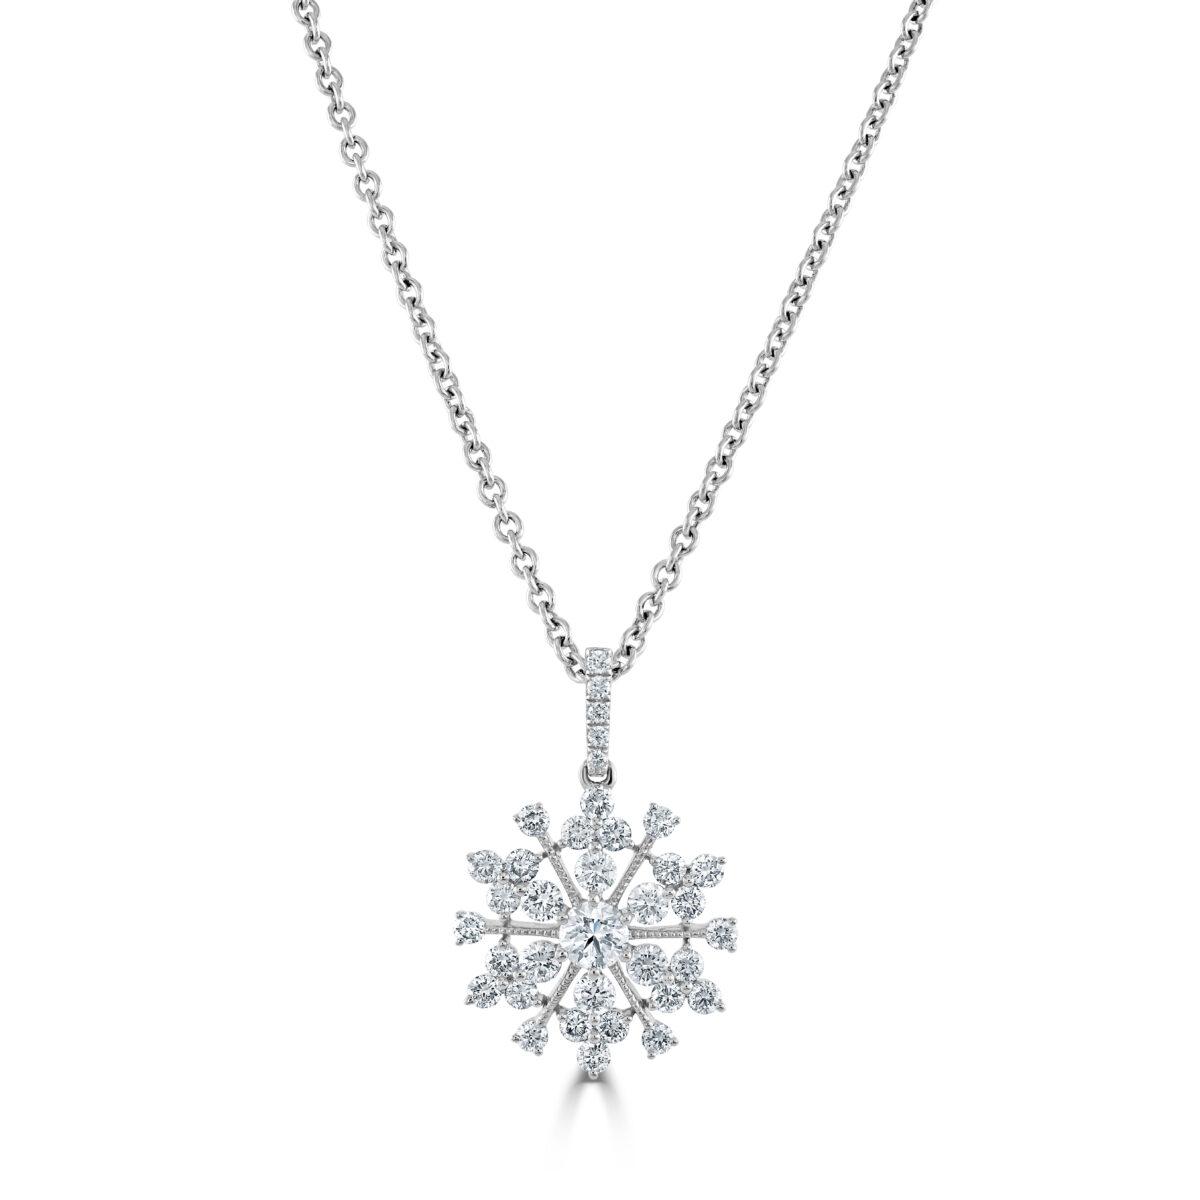 White Gold Diamond Snowflake Pendant